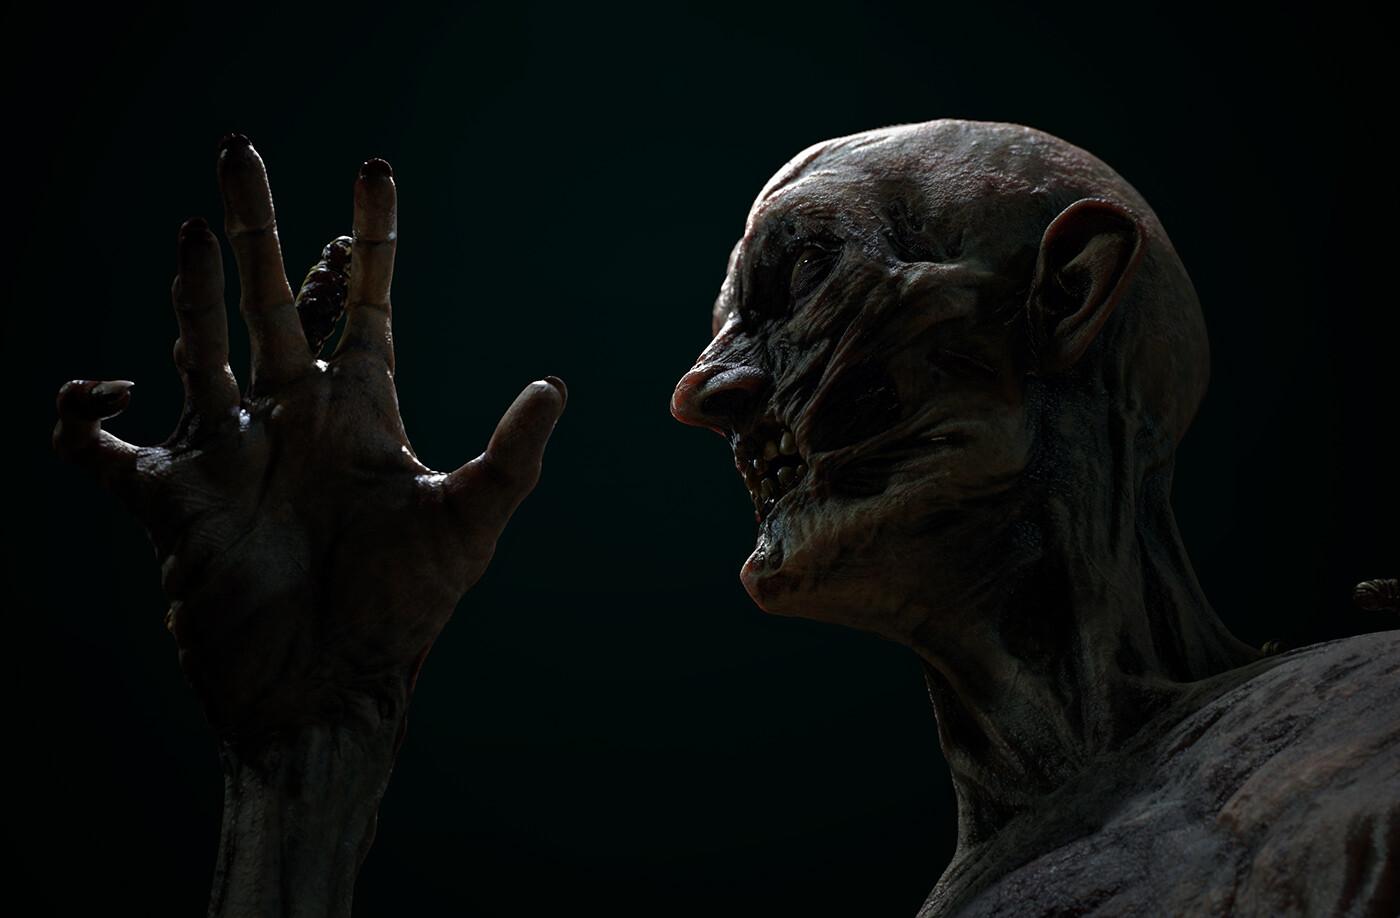 Pablo munoz gomez pmg substance source zombie dark render03